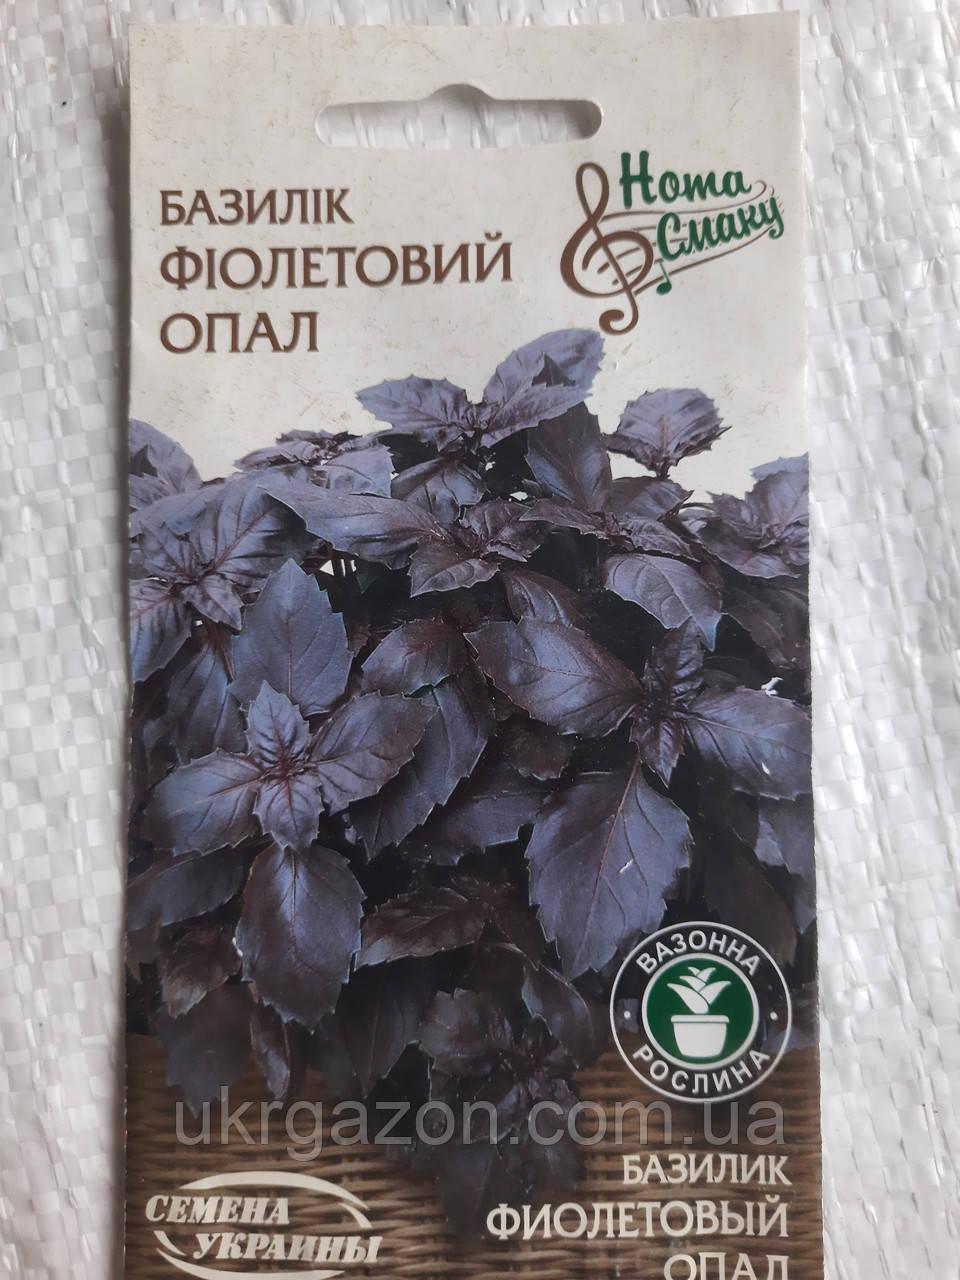 Базелік  ФІОЛЕТОВИЙ ОПАЛ 0,25г   (Семена Украины)